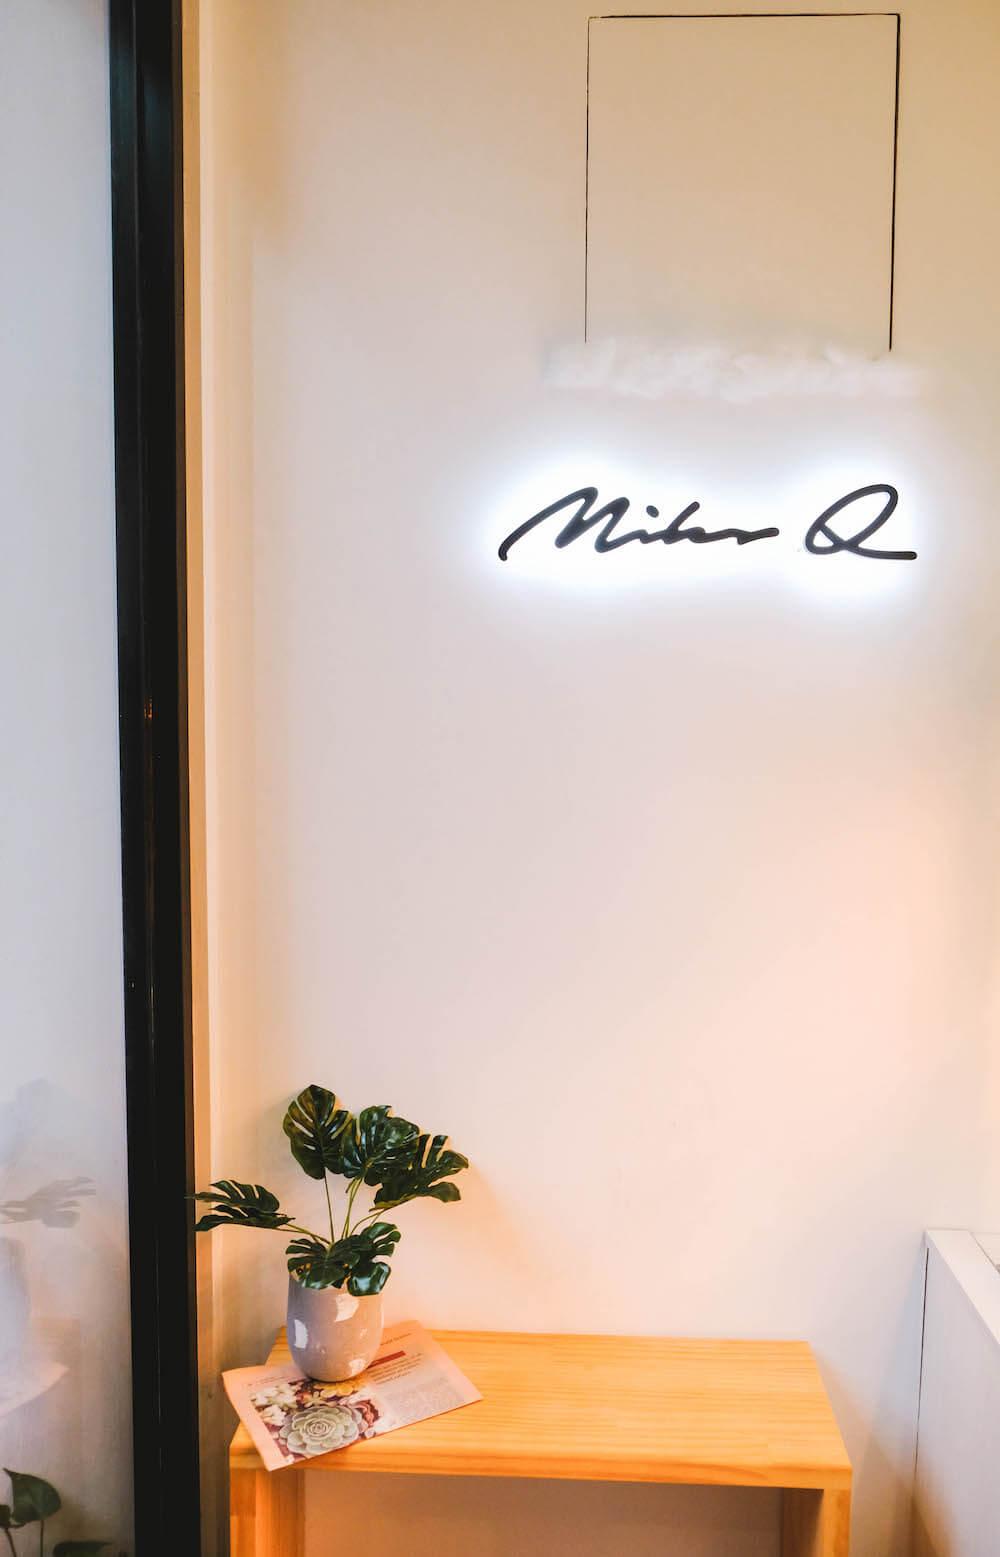 台北信義區「Miles.Q」法式生巧/抹茶生乳捲!高CP質韓系質感咖啡廳推薦